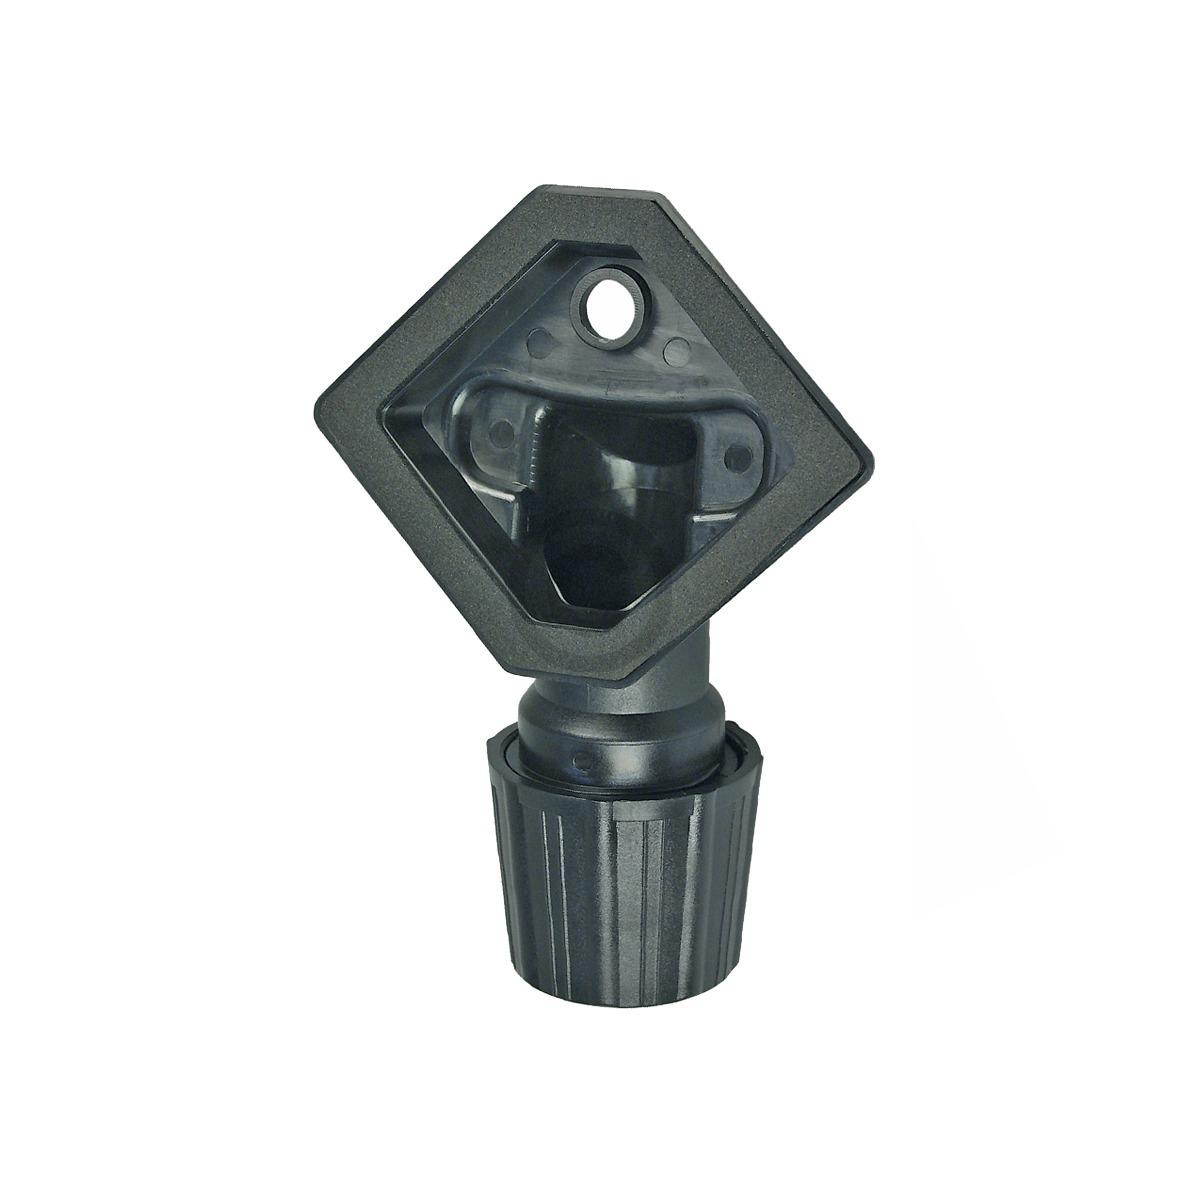 Aufsatzdüse Bohrstaubdüse Universal für 32-38mm Rohr-Ø Staubsauger